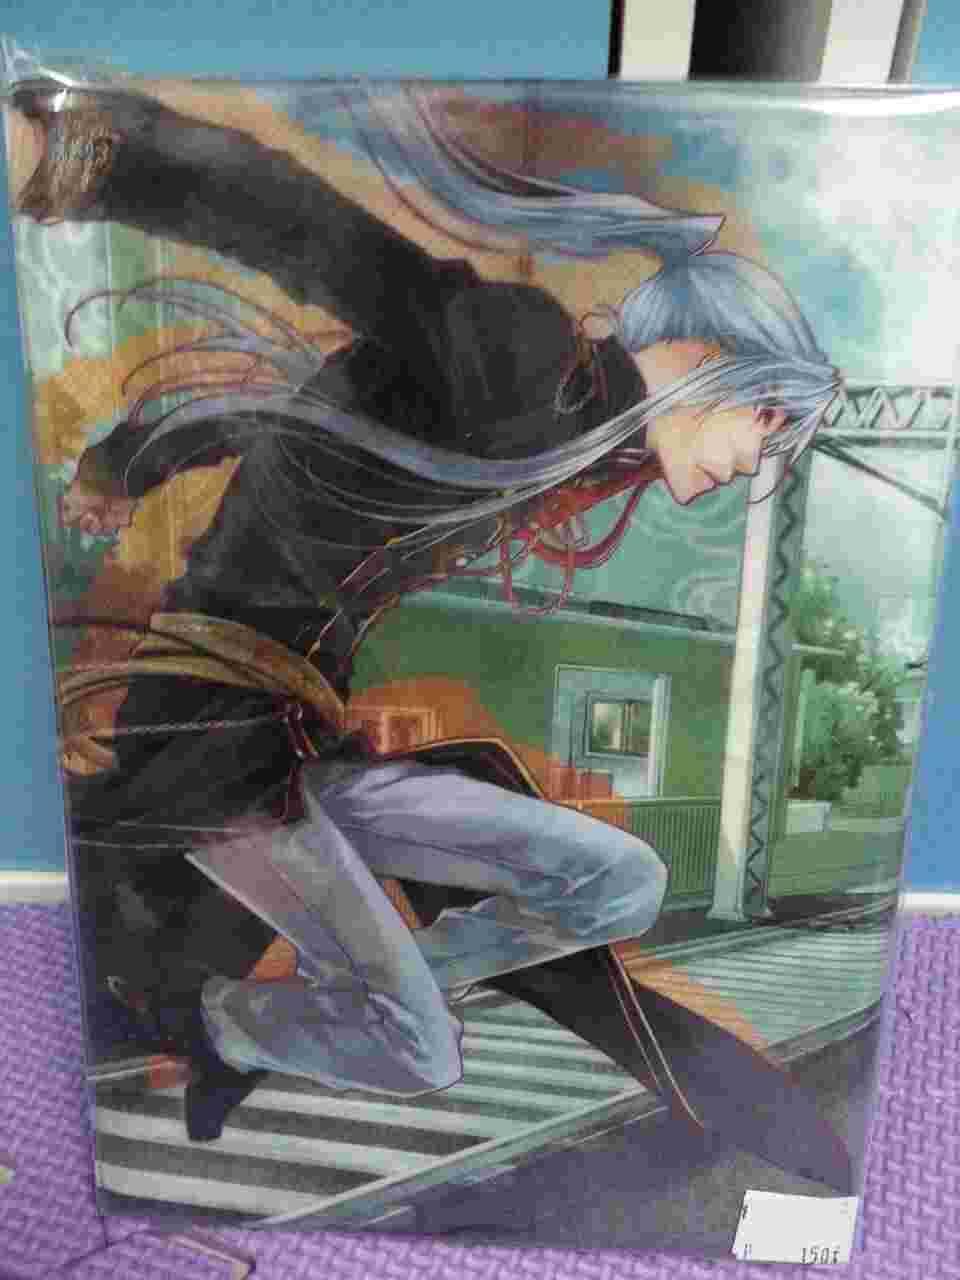 ♥ yaoi會社 寄賣♥ 二手/商業書/原動力/紅麟《特殊傳說漫畫 學院篇》